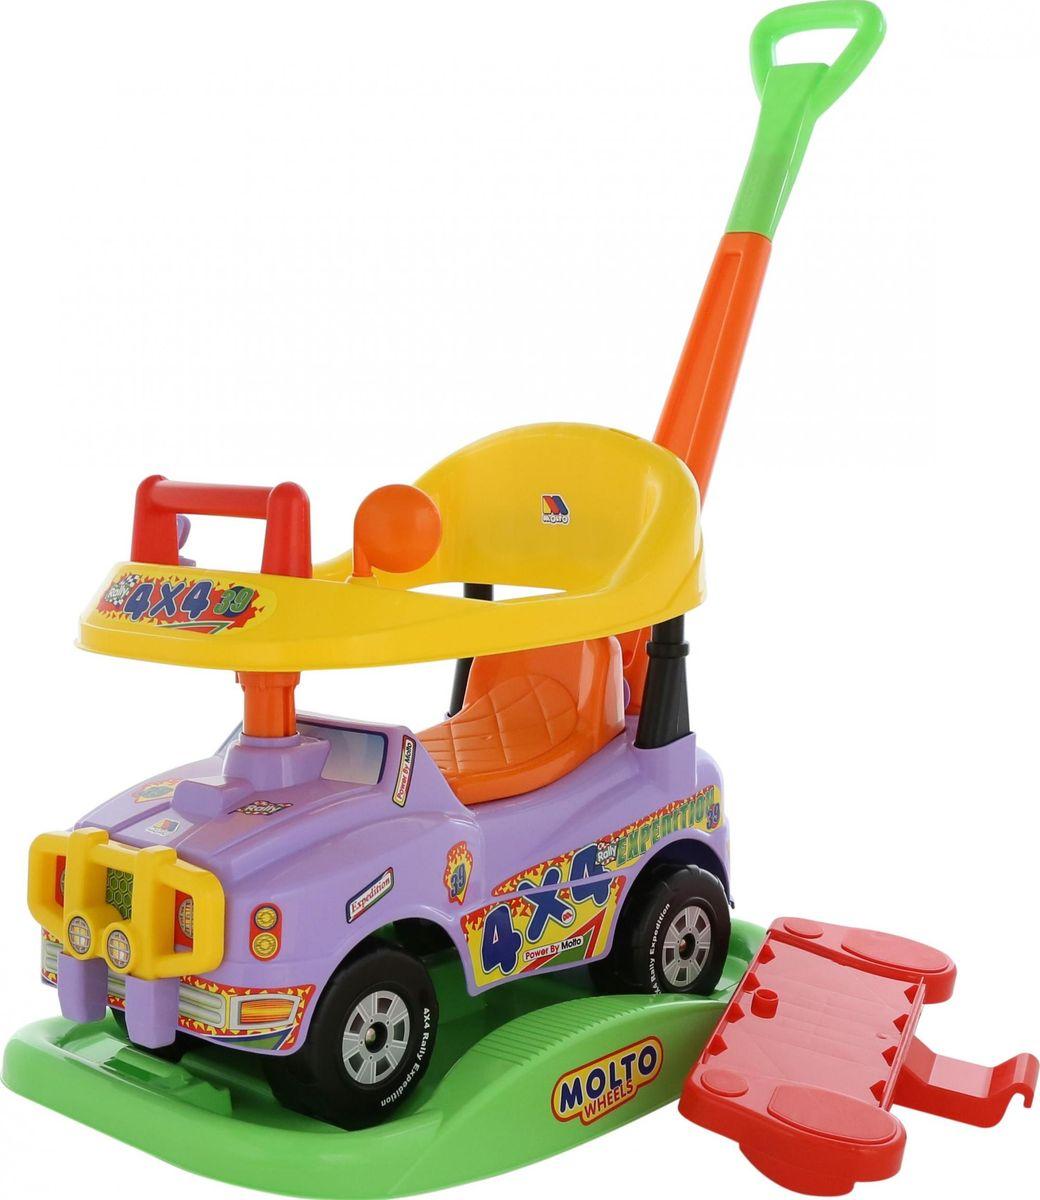 Полесье Автомобиль-каталка Джип Викинг цвет сиреневый